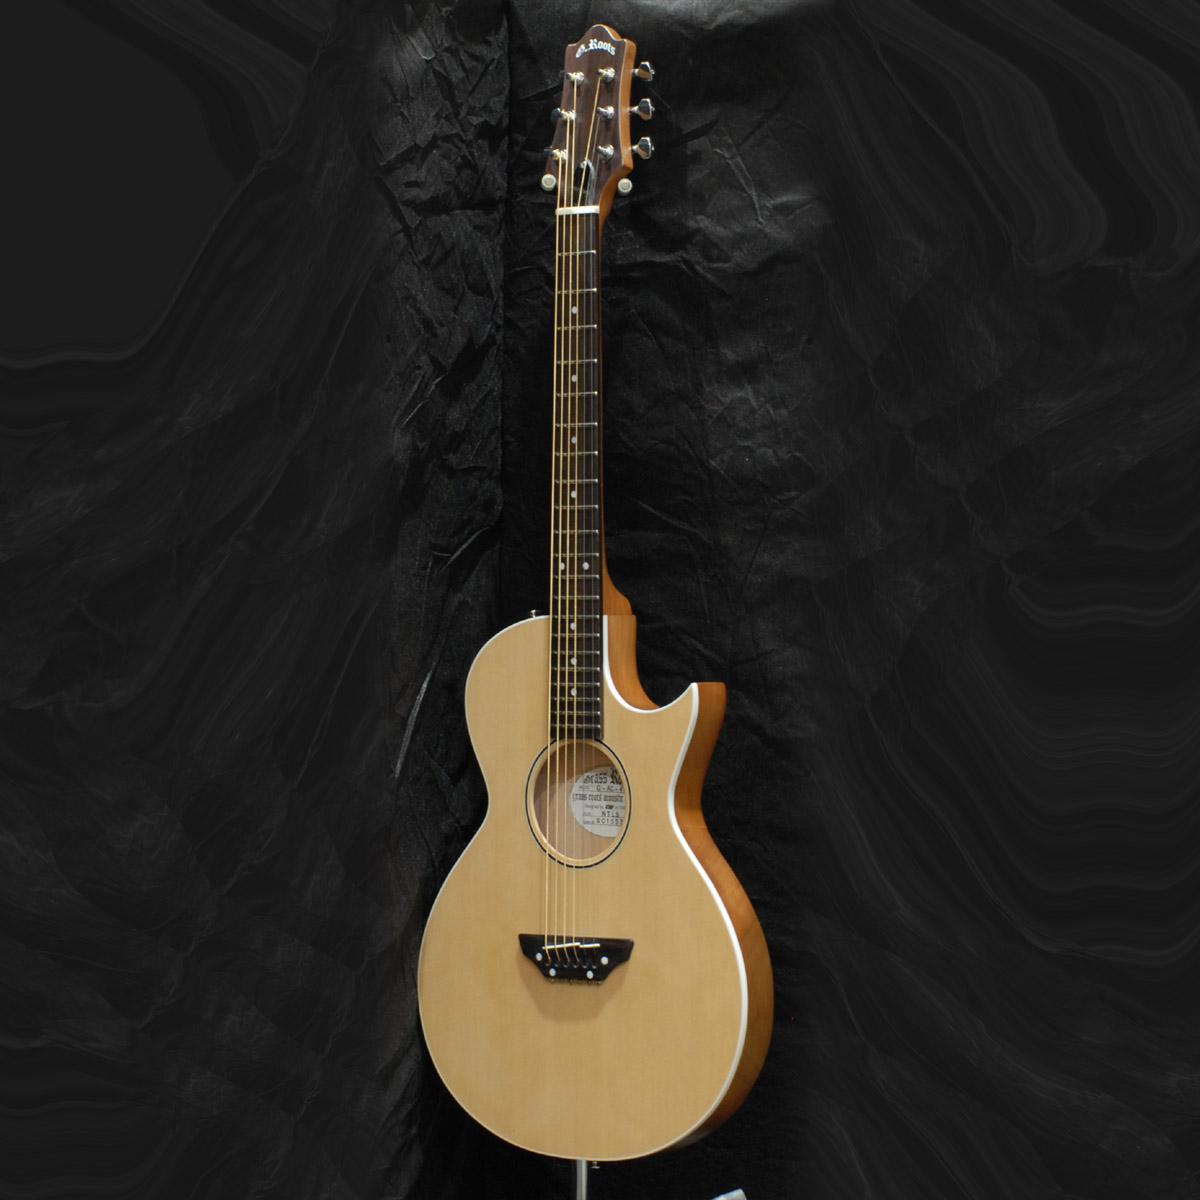 【ふるさと納税】アコースティックギター G-AC-45 NTL SATIN